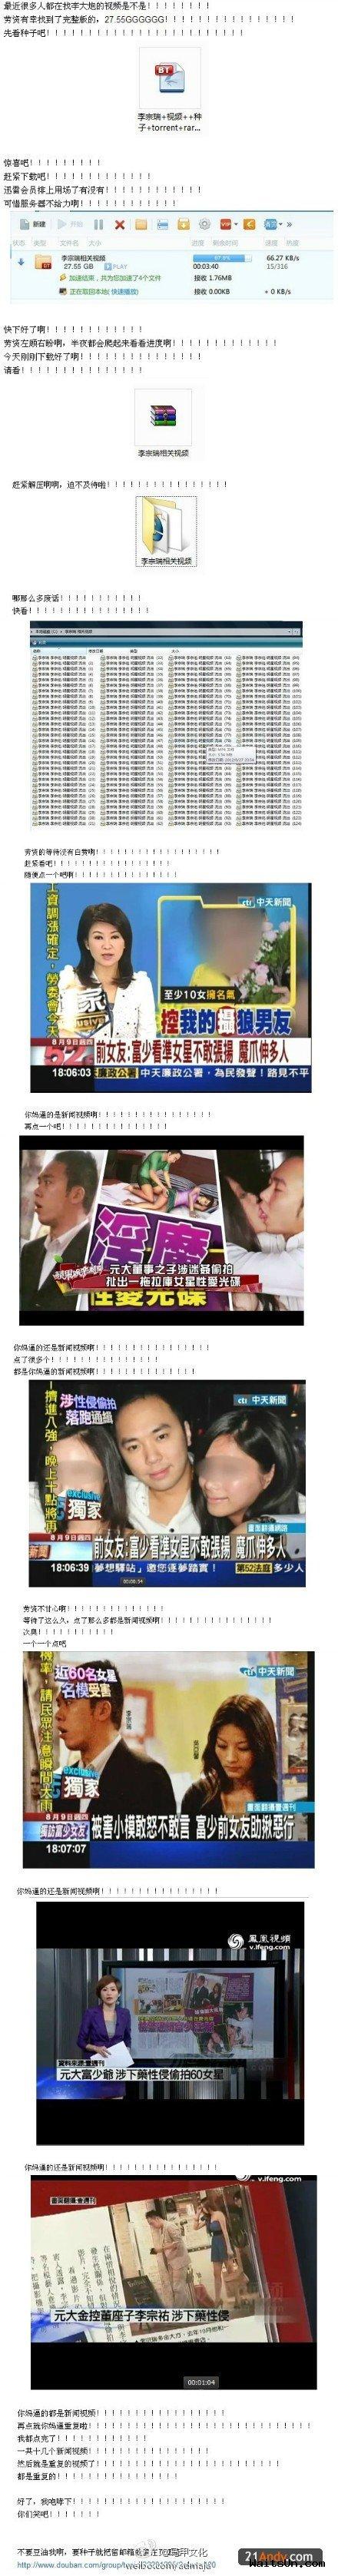 李宗瑞 27.5G 完整版-麦氪搜(iMacso.com)